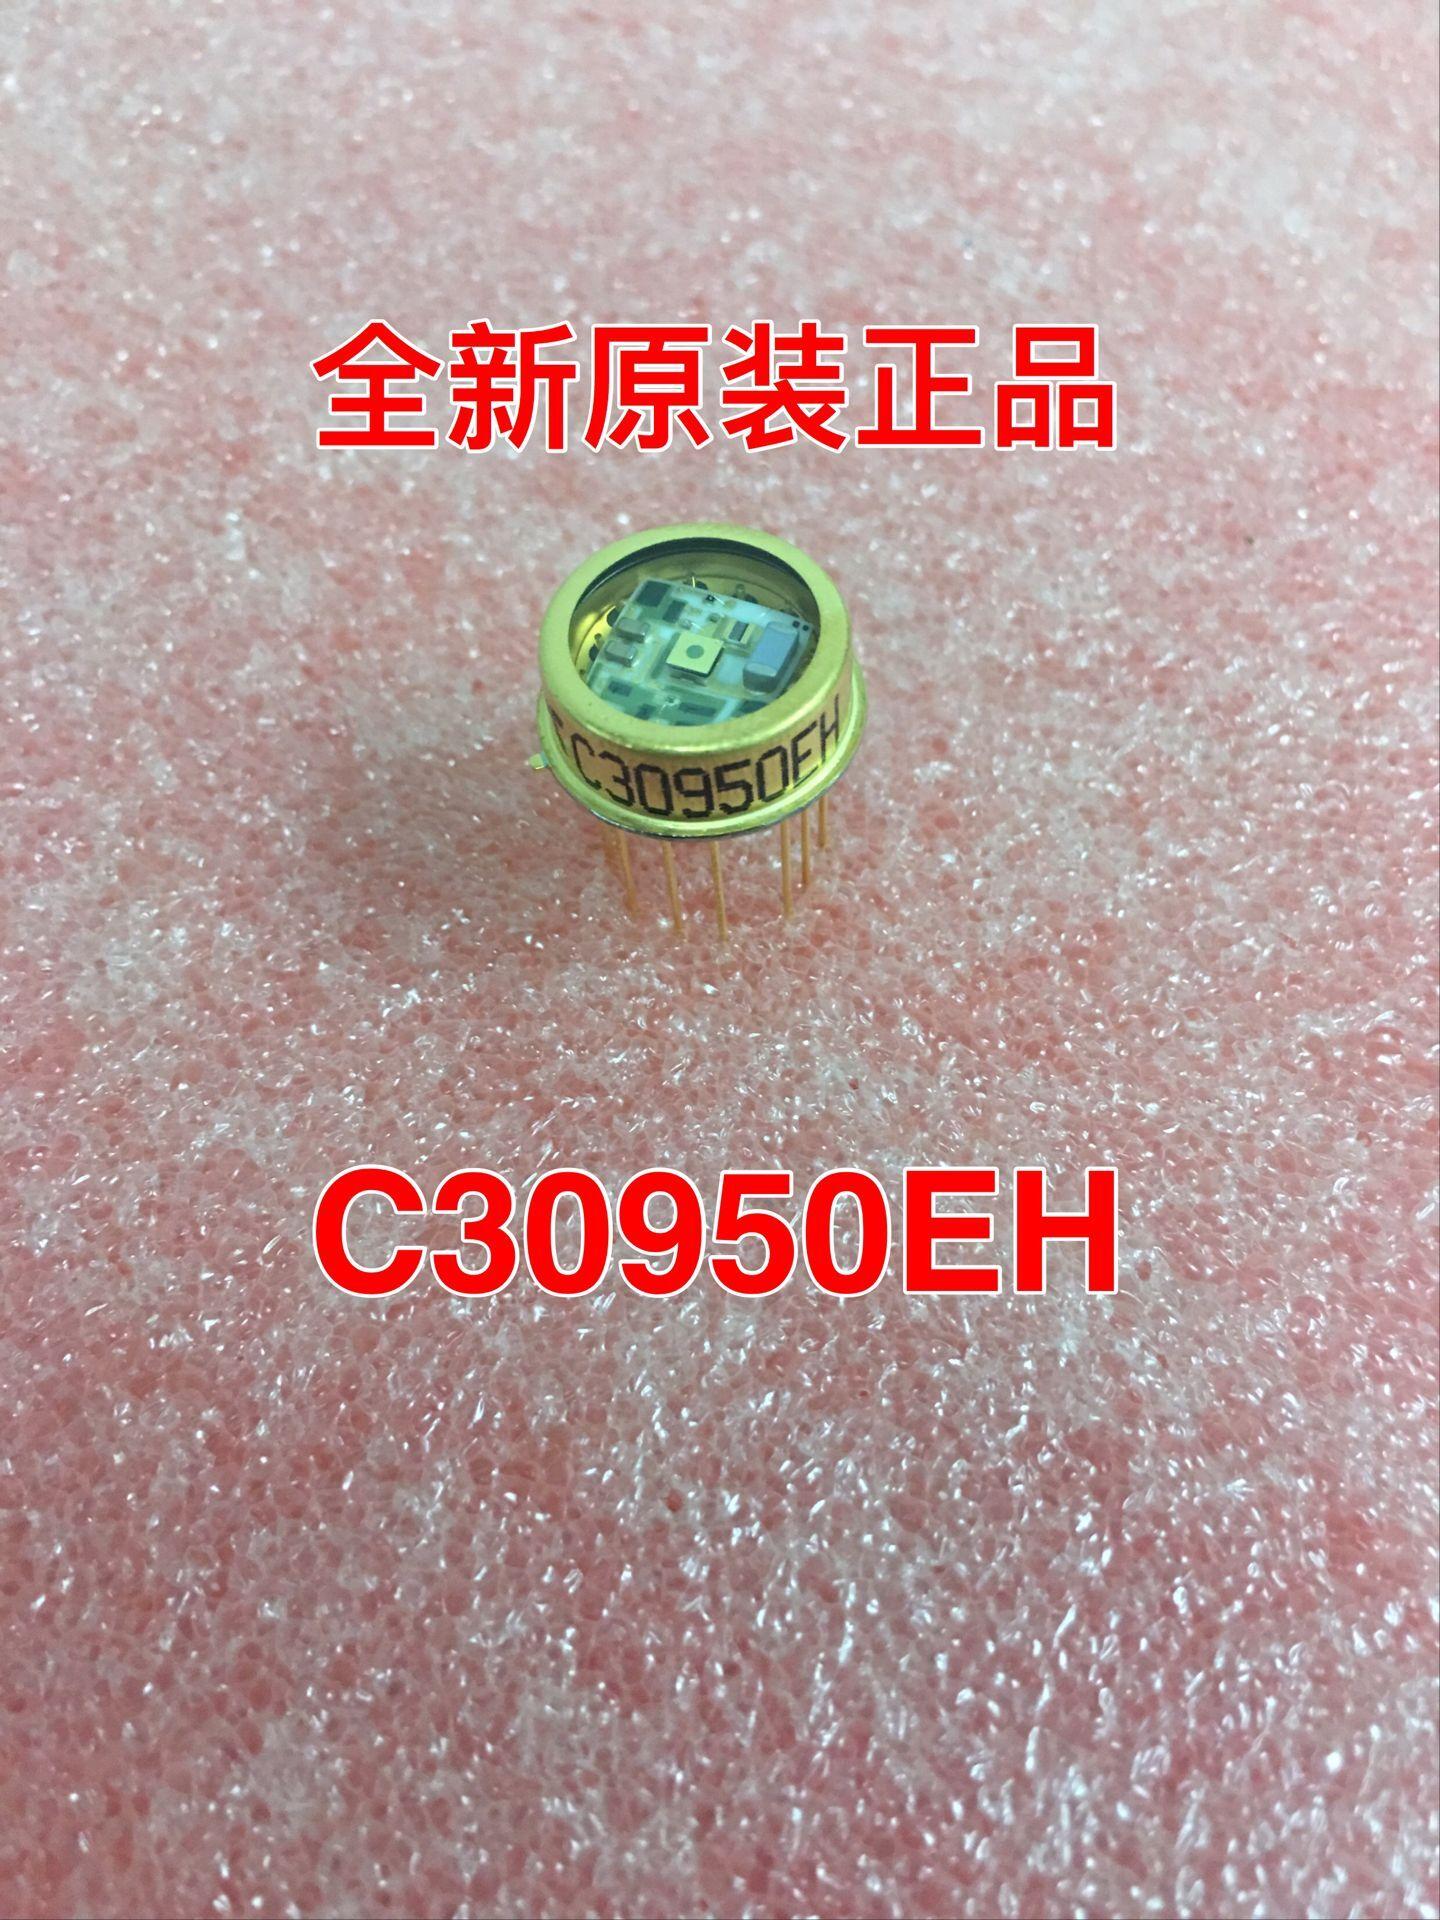 全新原装 APD雪崩光电二极管C30950EH/C30950E 提供原厂出货证明